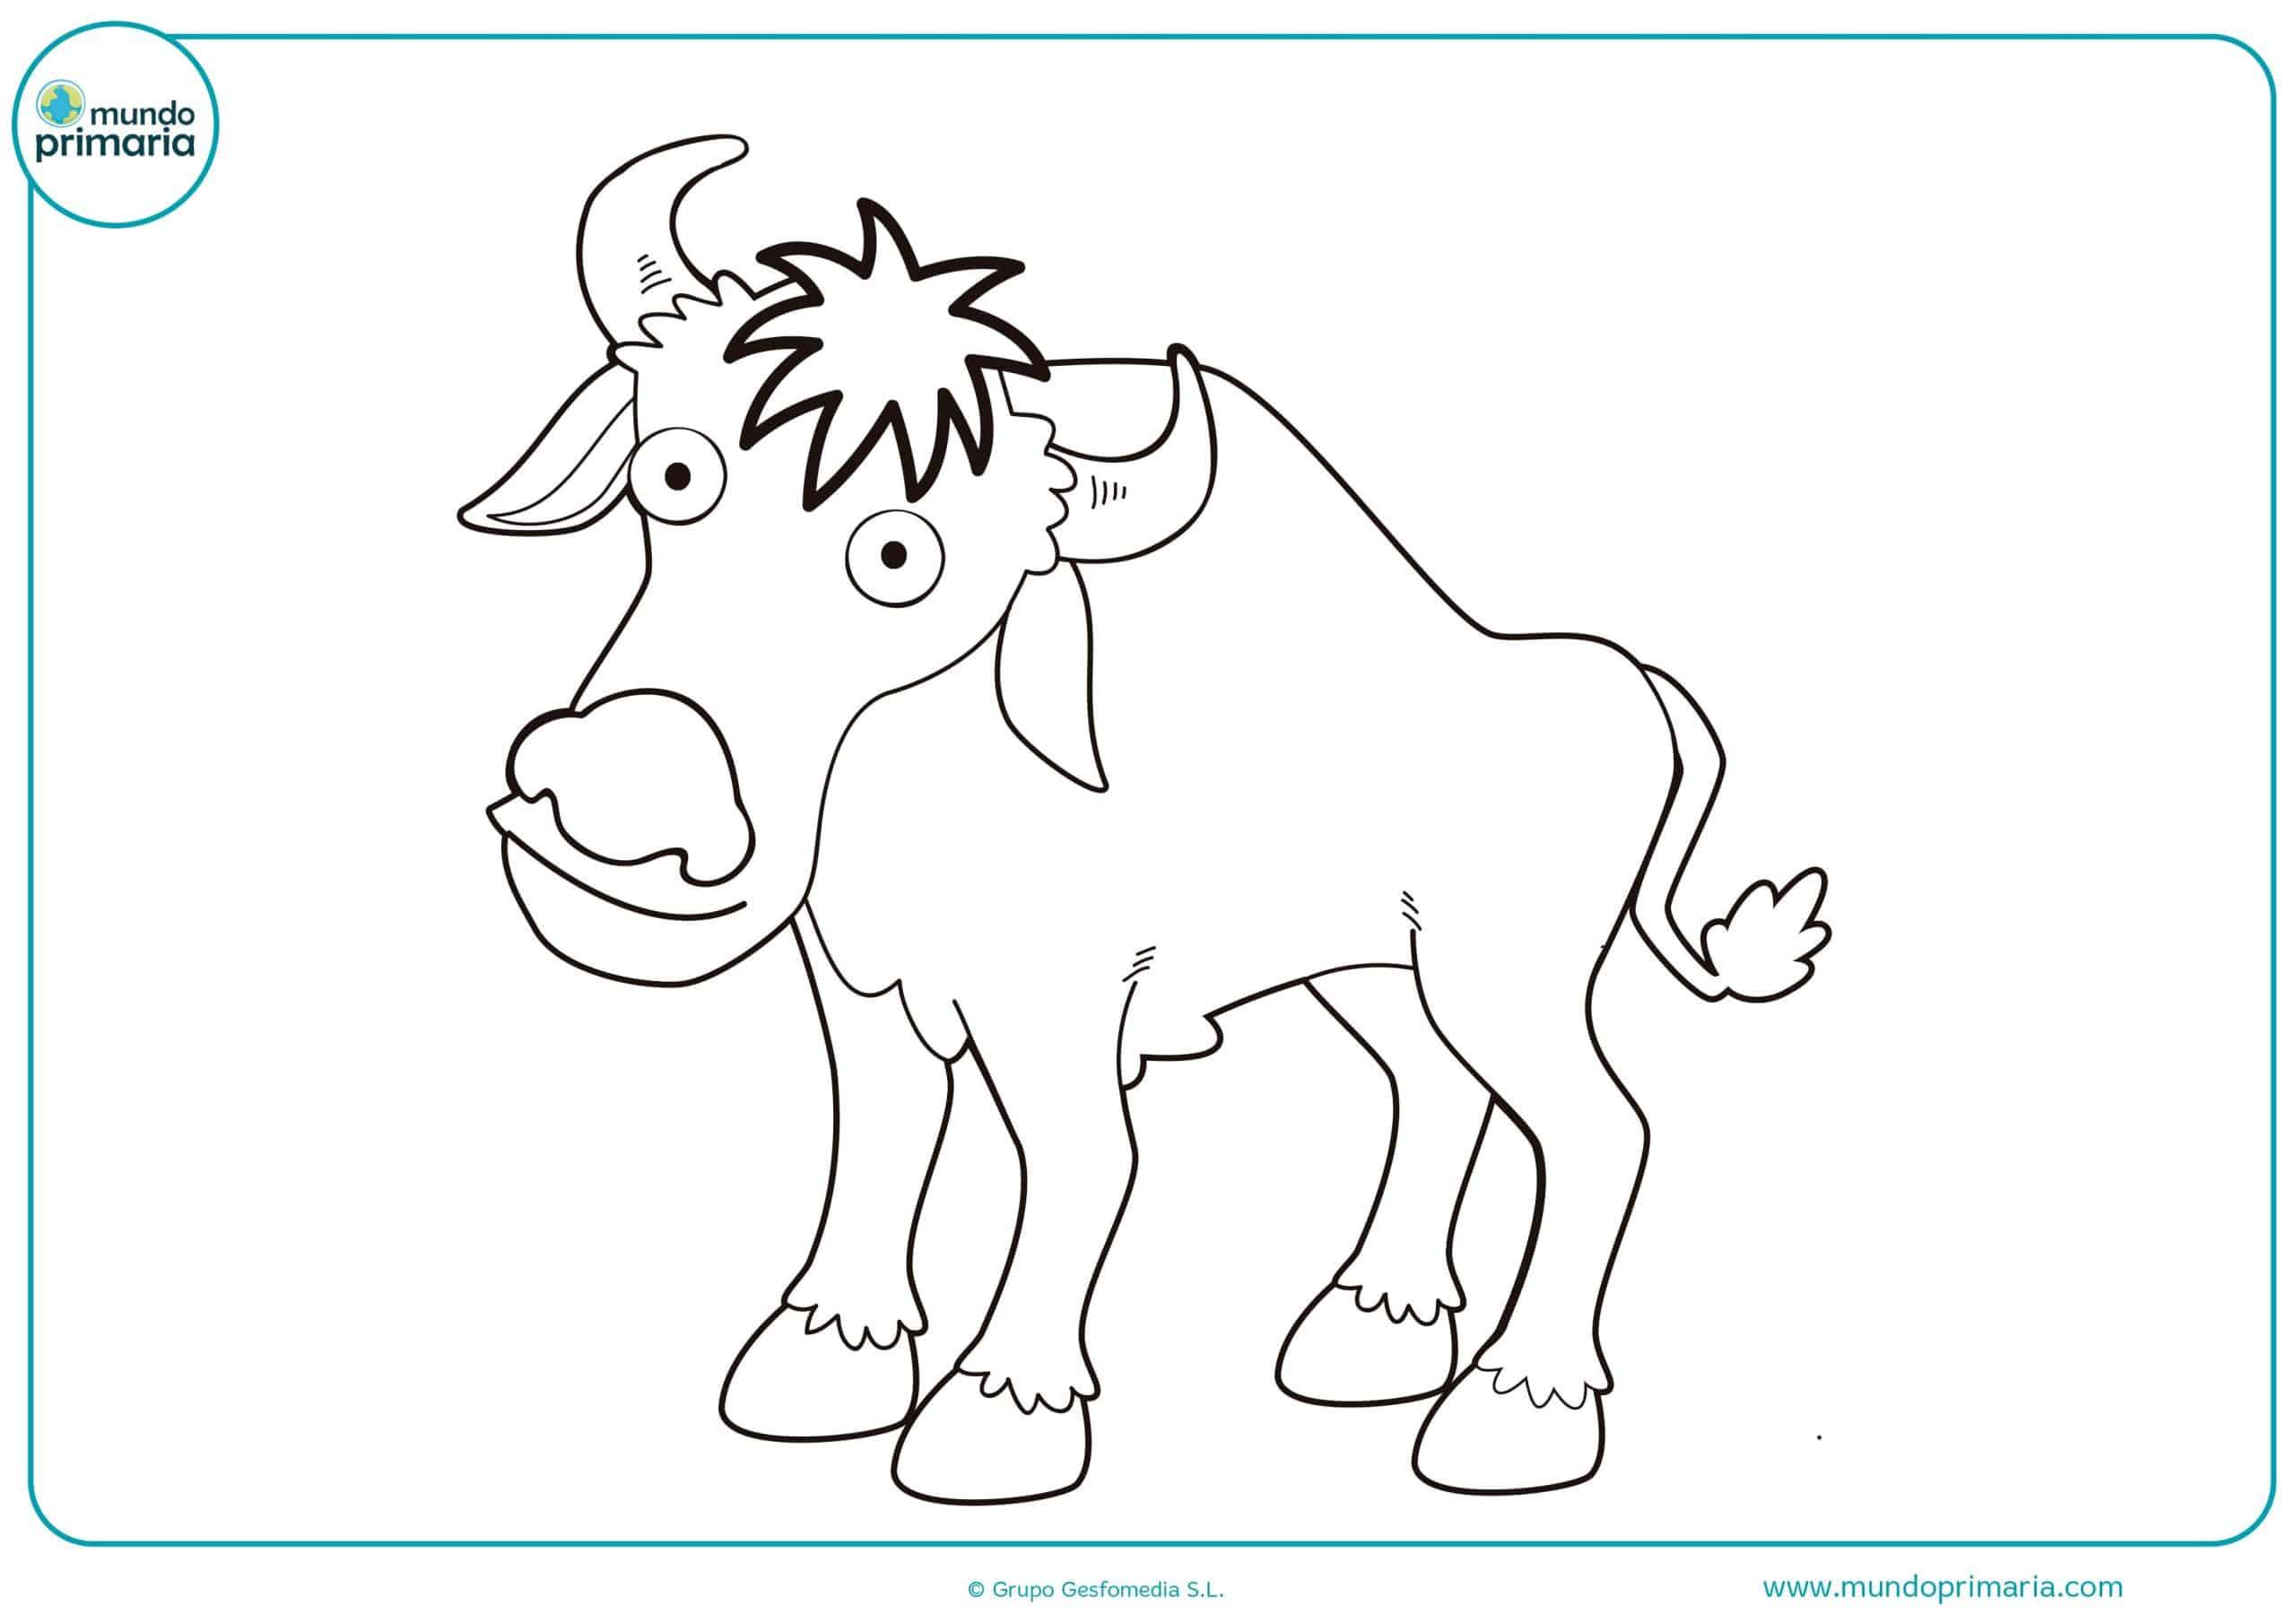 Dibujos Para Descargar Imprimir Y: Dibujos De Animales De La Selva Para Colorear